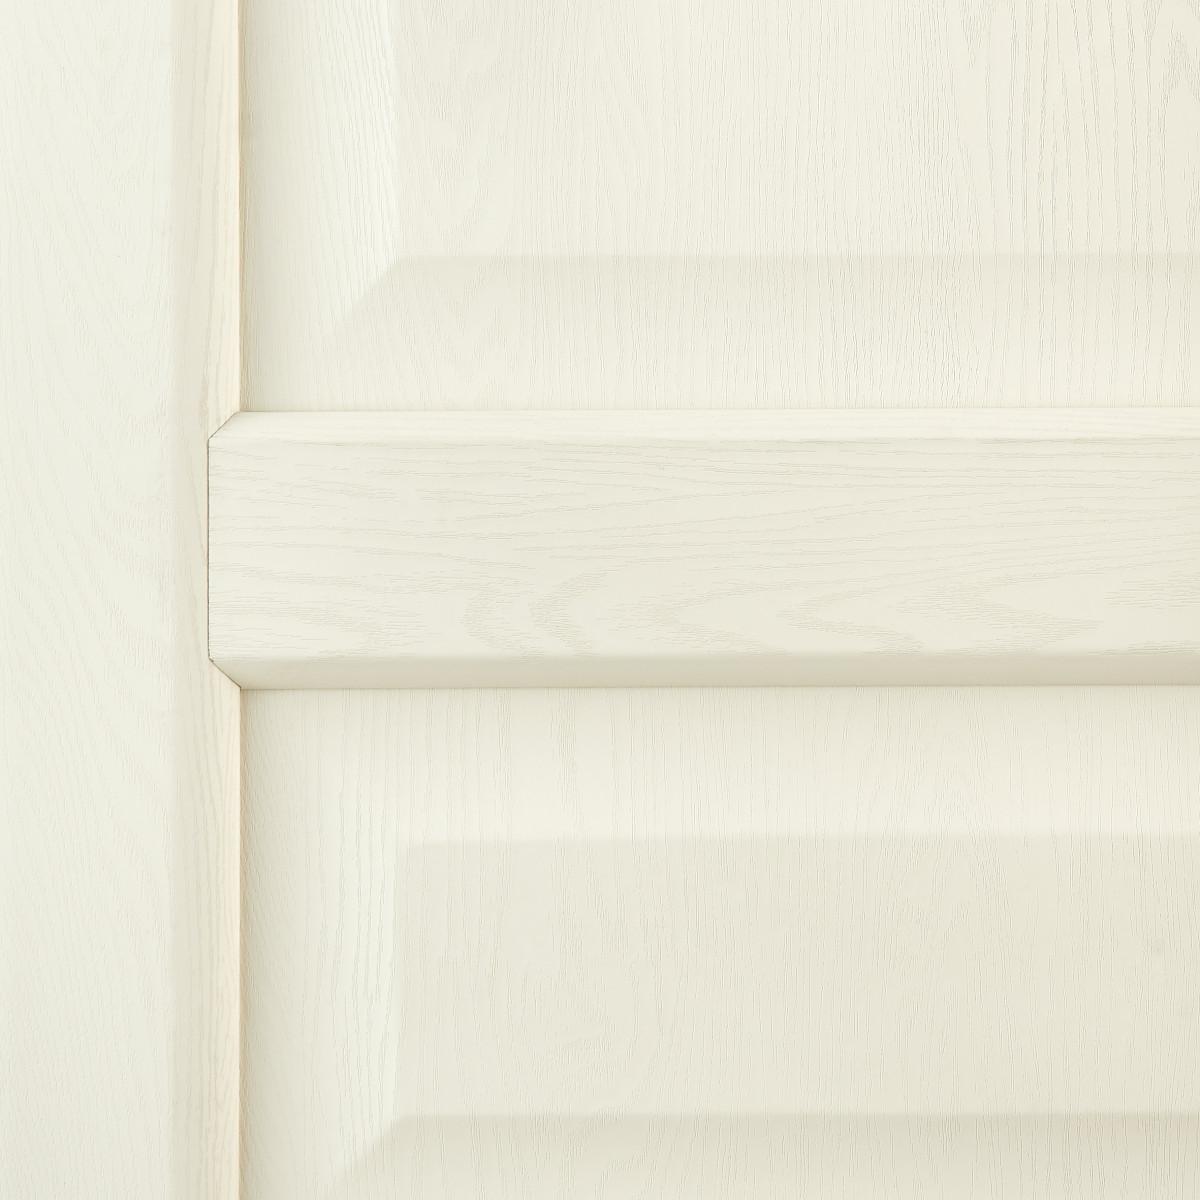 Дверь Межкомнатная Глухая Artens Мария 90x200 Пвх Цвет Айвори С Фурнитурой